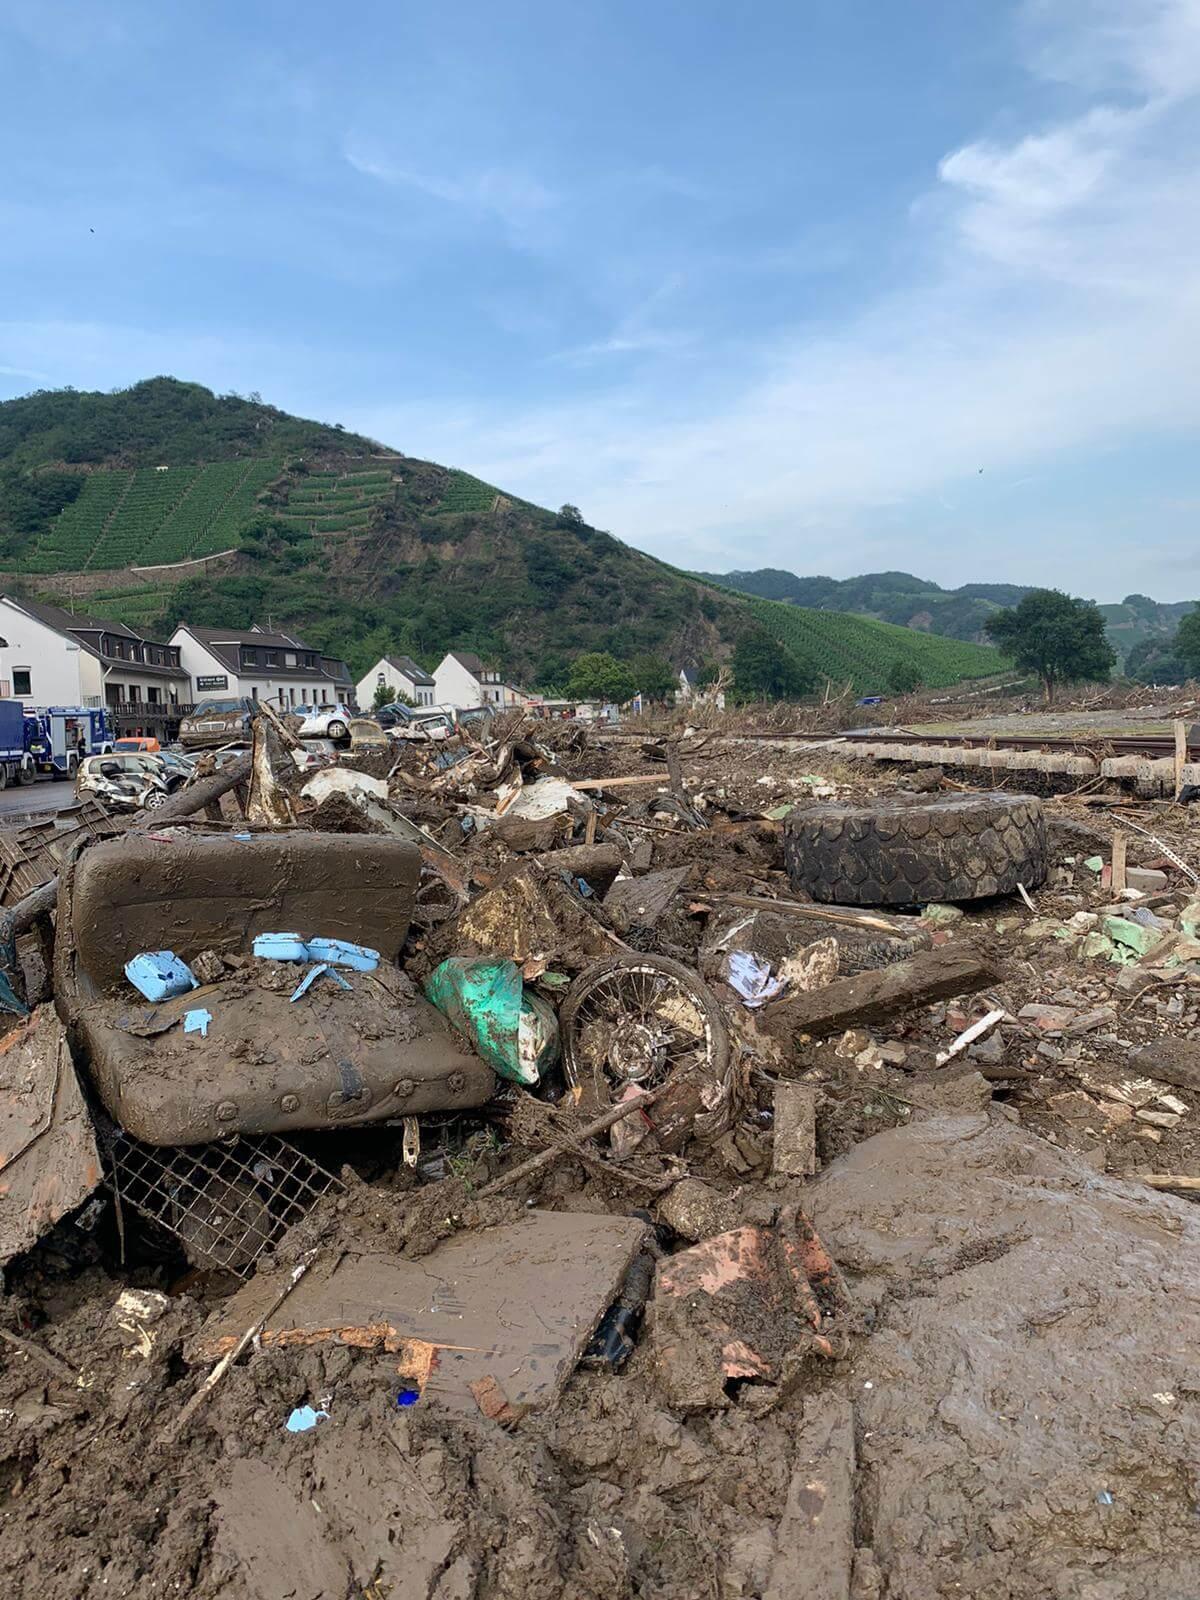 アール川洪水の被害に遭われた醸造所の支援活動に参加!